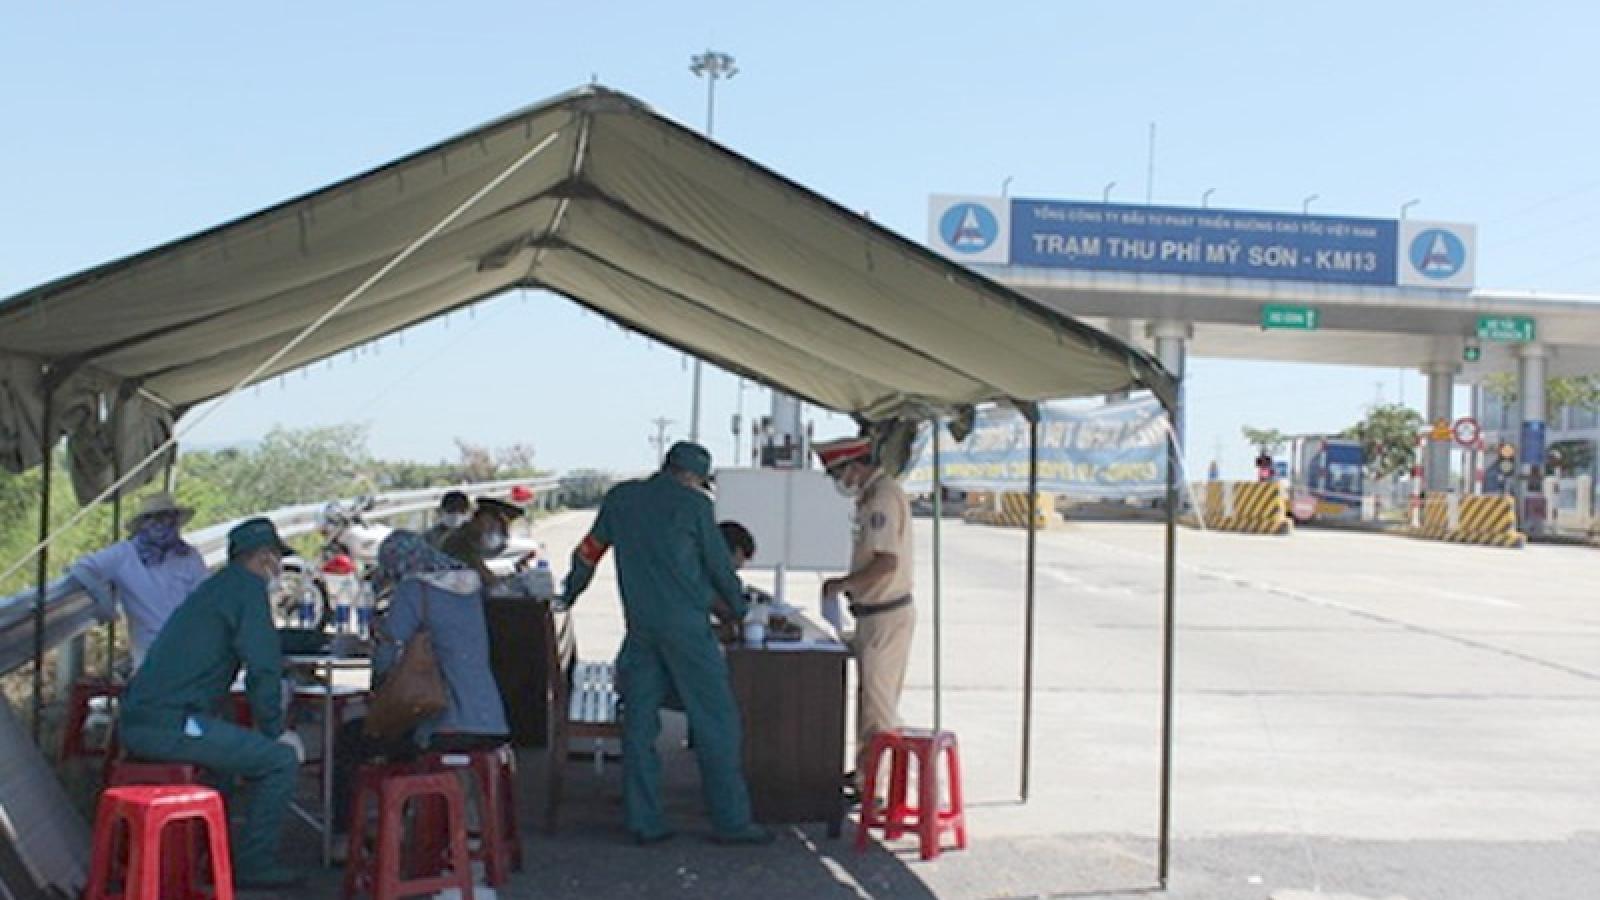 Quảng Nam phong tỏa thêm nhiều khu vực để phòng, chống dịch Covid-19